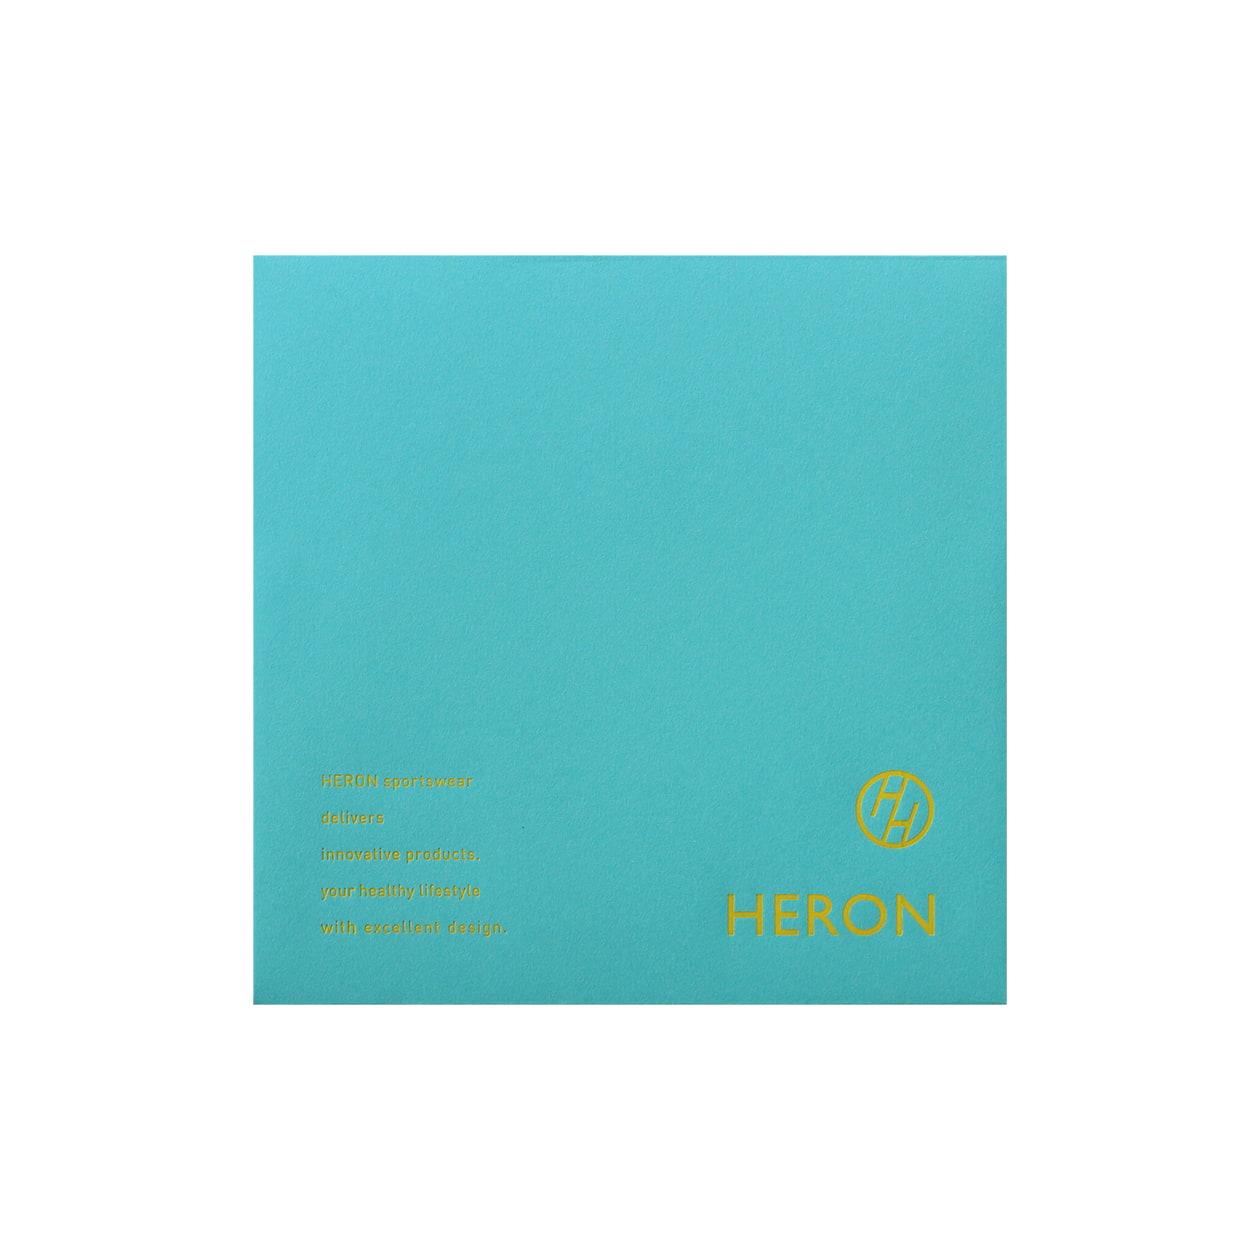 サンプル 封筒・袋 00132